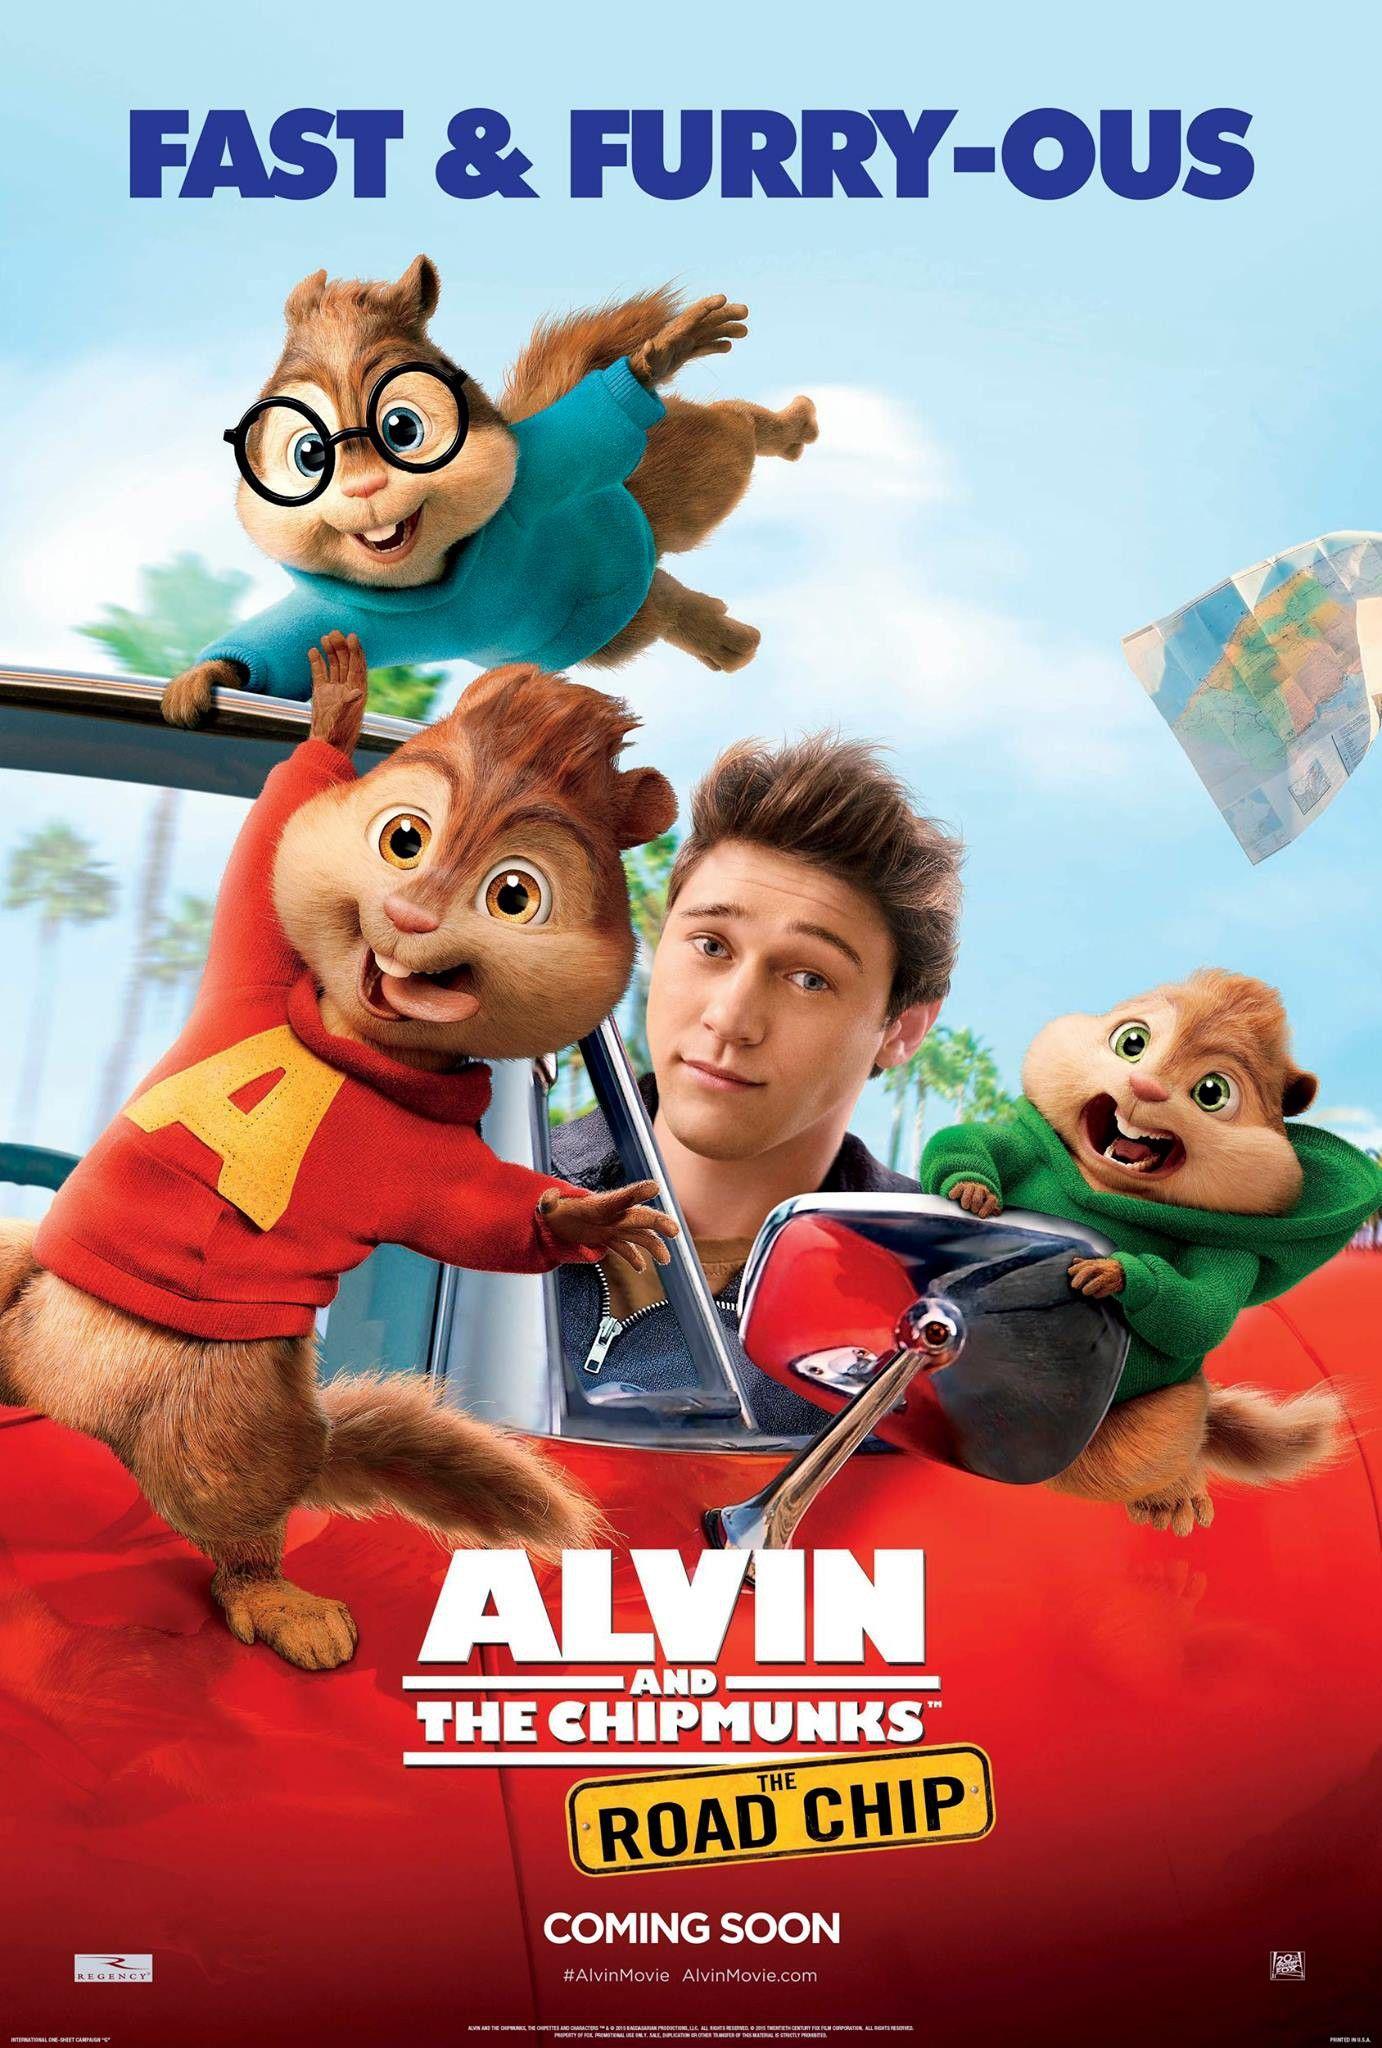 Alvin Y Las Ardillas 4 Ha Sido Uno De Los Mayores Fracasos De Venta Y Doblaje Peruano De Este 2016 Chipmunks Ardillas Aventura Sobre Ruedas